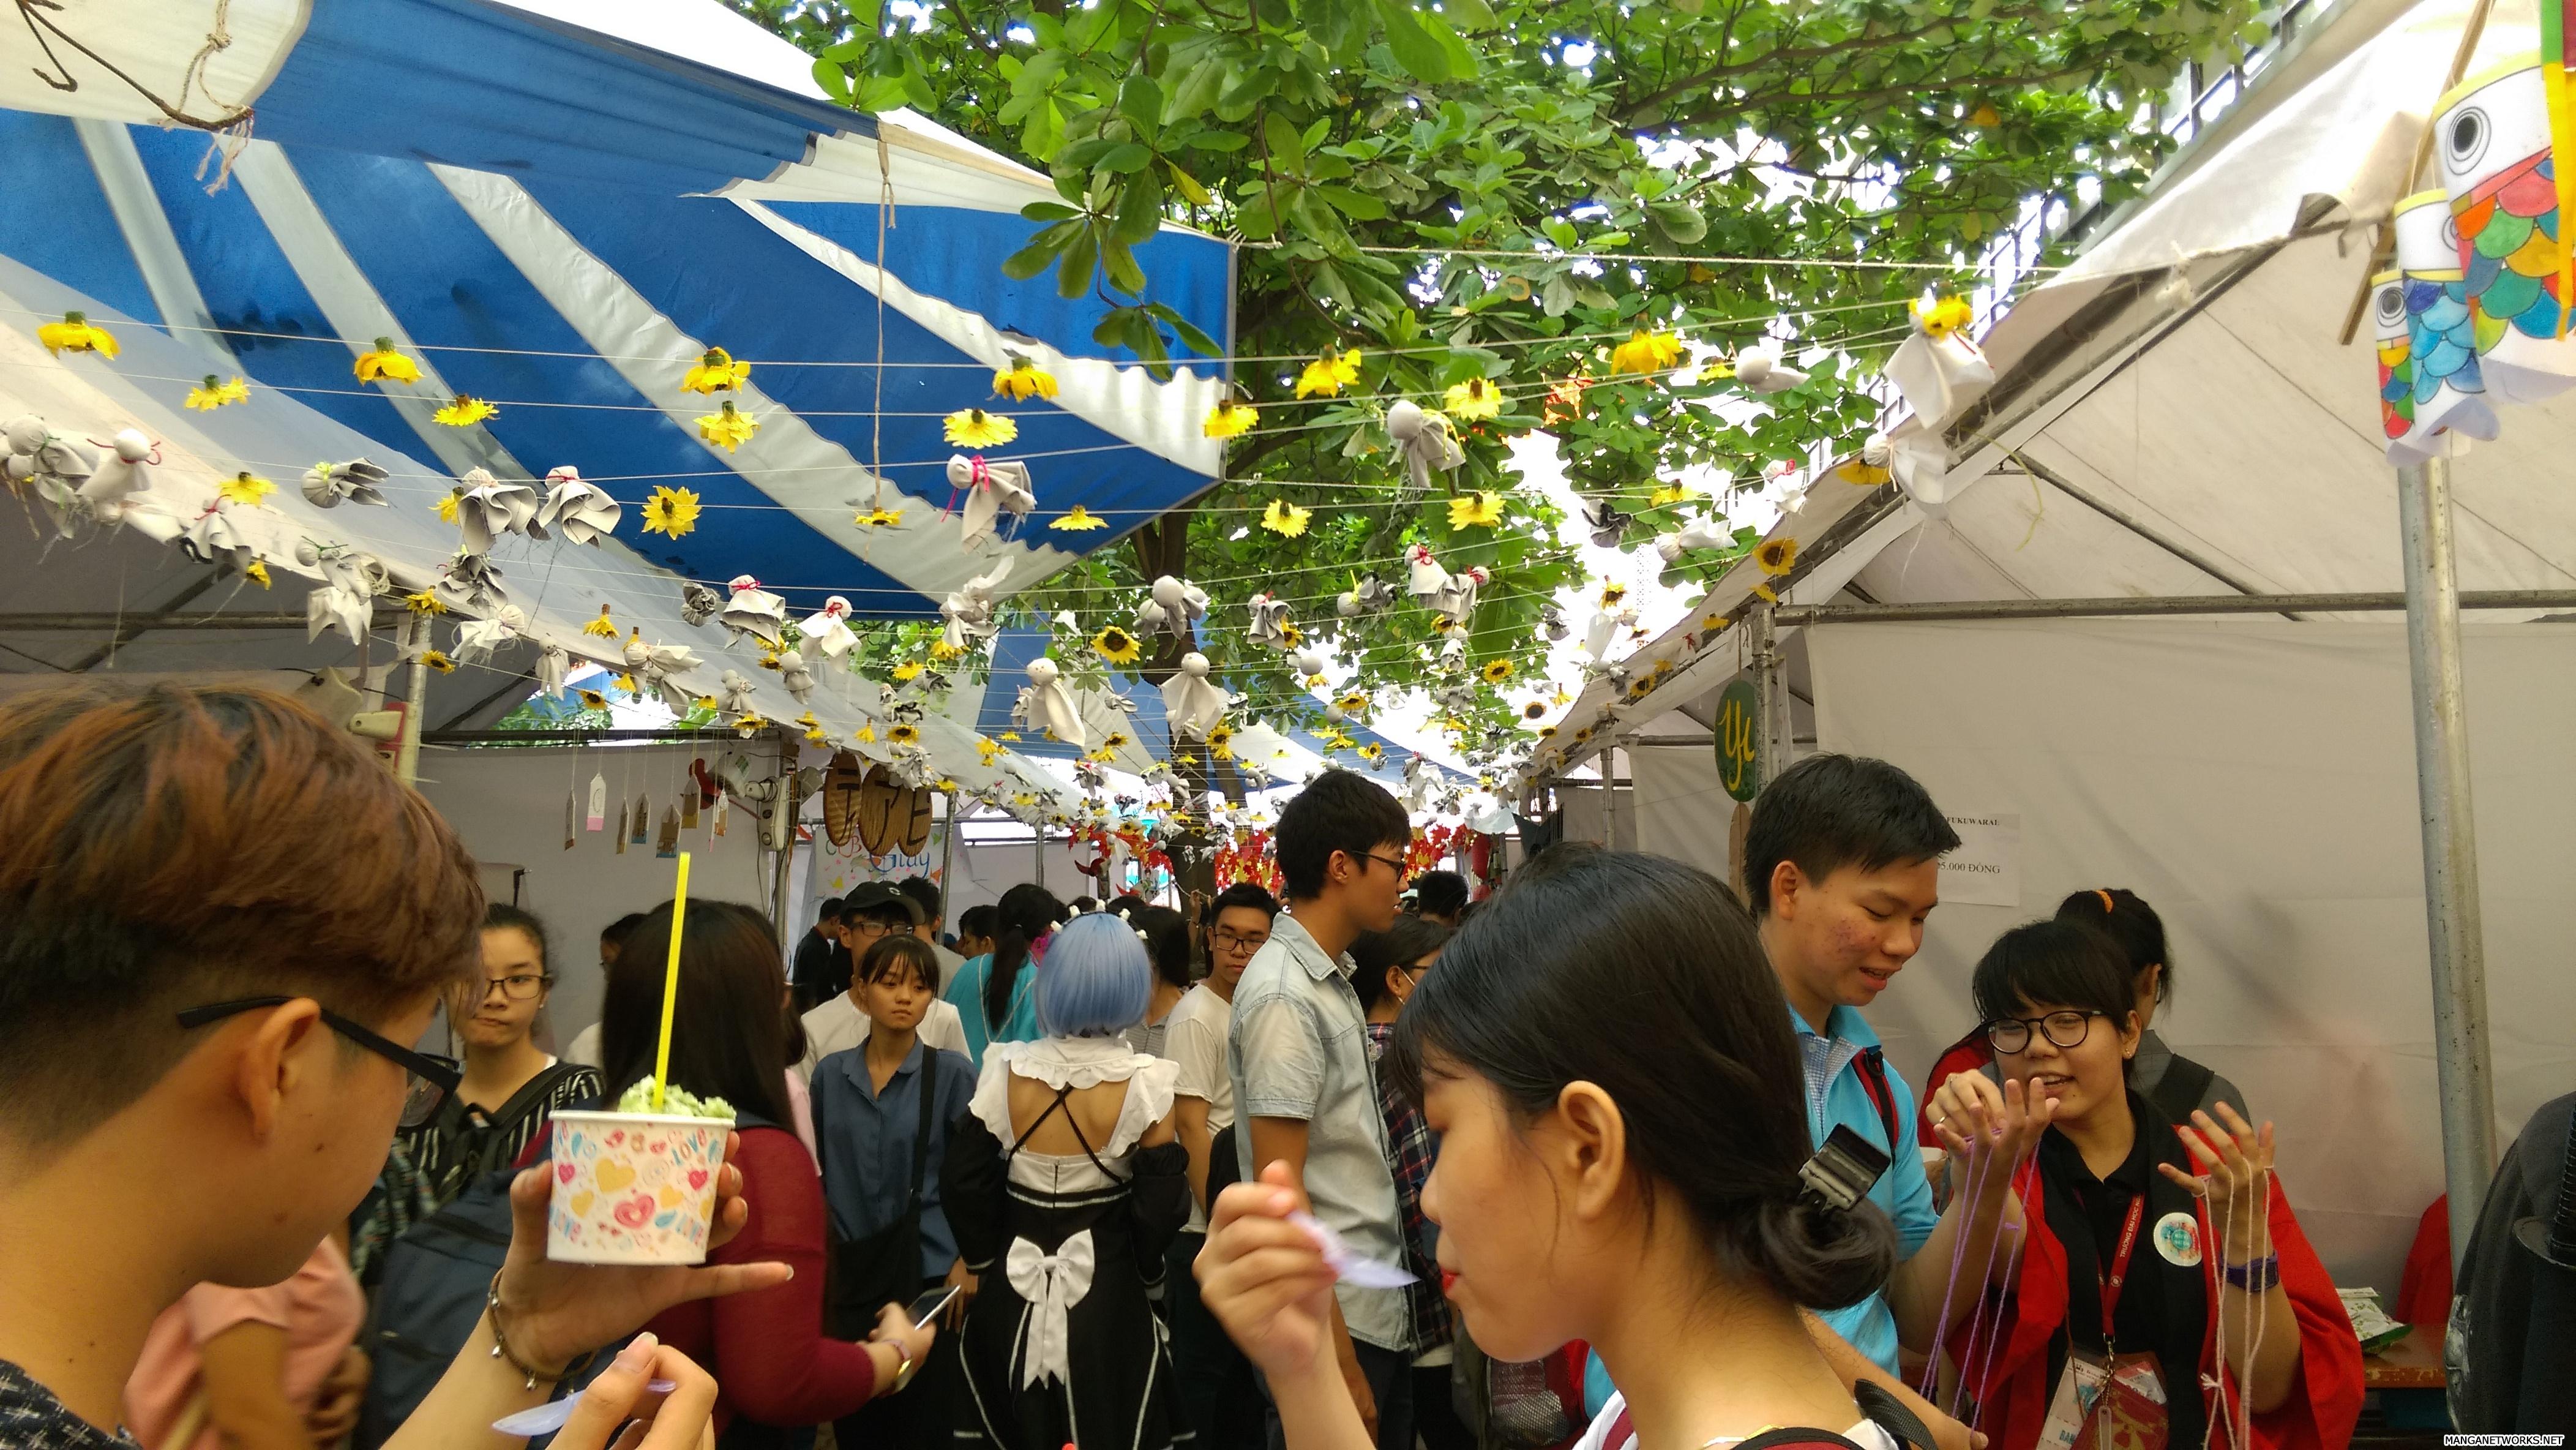 33847454384 e7b357dd85 o [Review] Ngày hội Nhật Bản